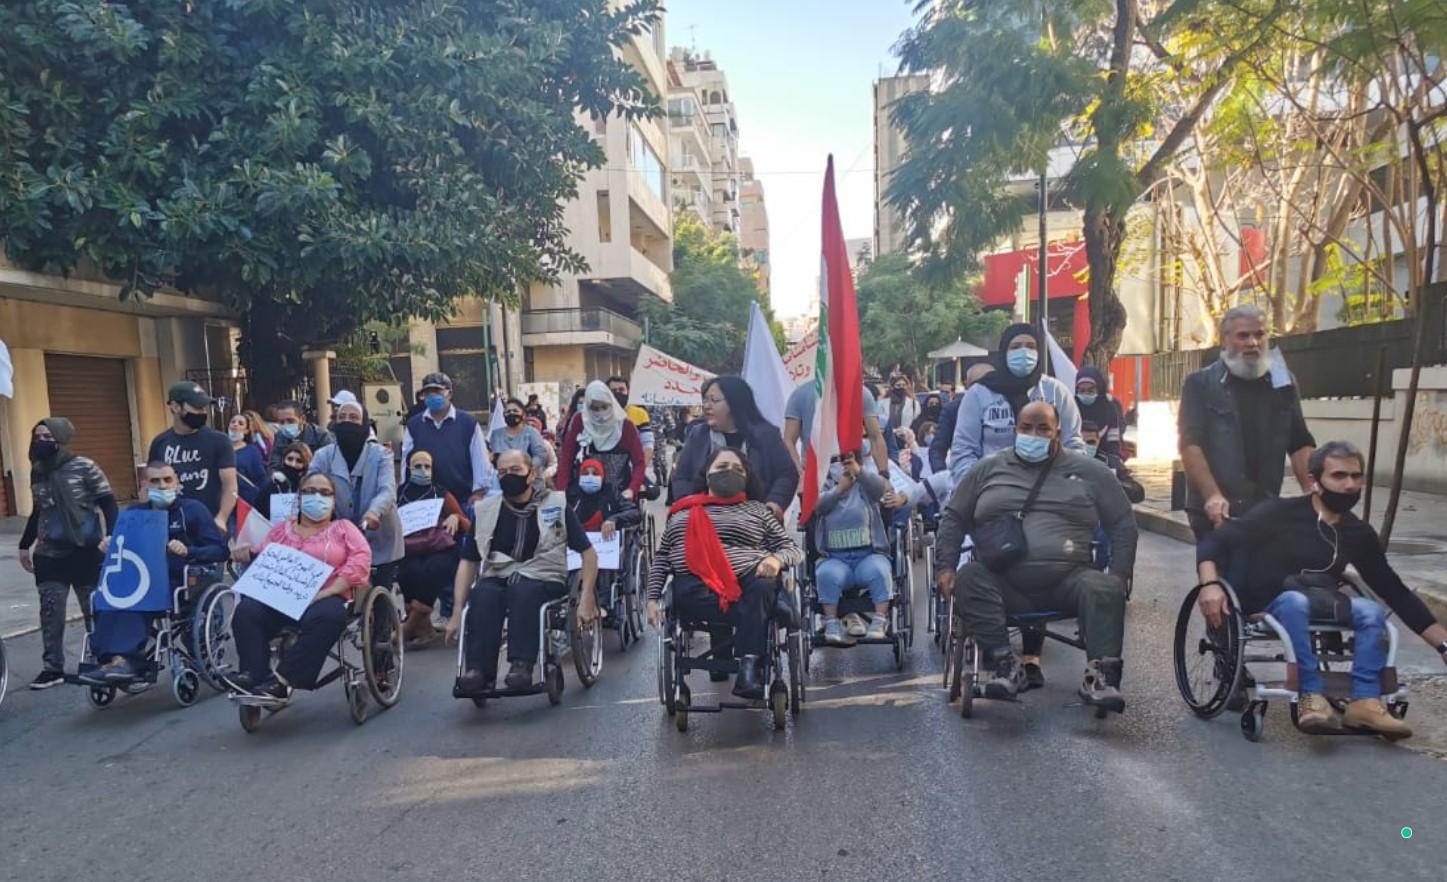 ضحايا اليوم والأمس معاً في مواجهة الجاني نفسه: المعوّقون وأهالي المفقودين يطالبون بتطبيق القانون